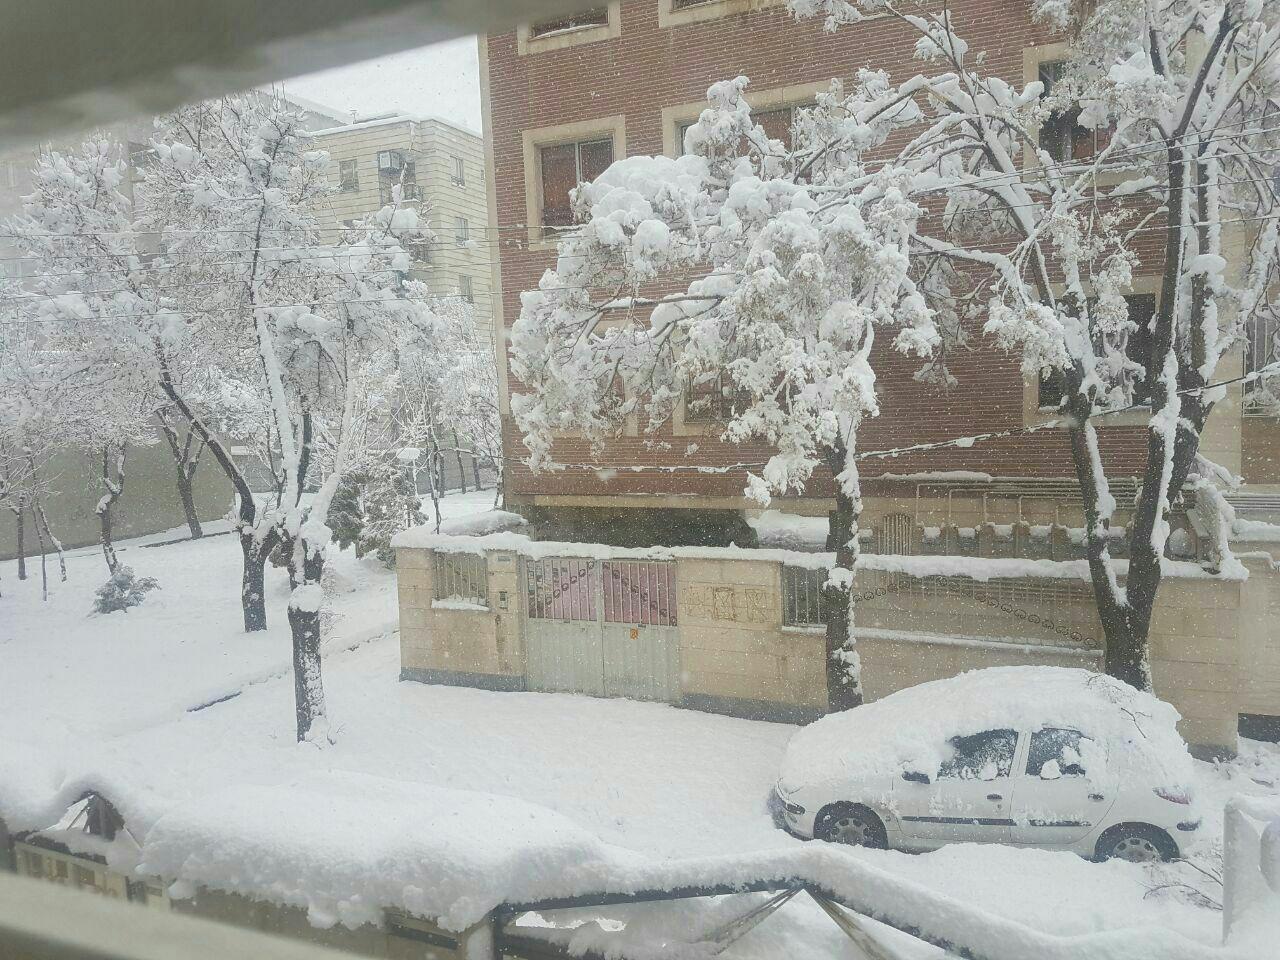 بارش سنگین برف هم اکنون  در اراک